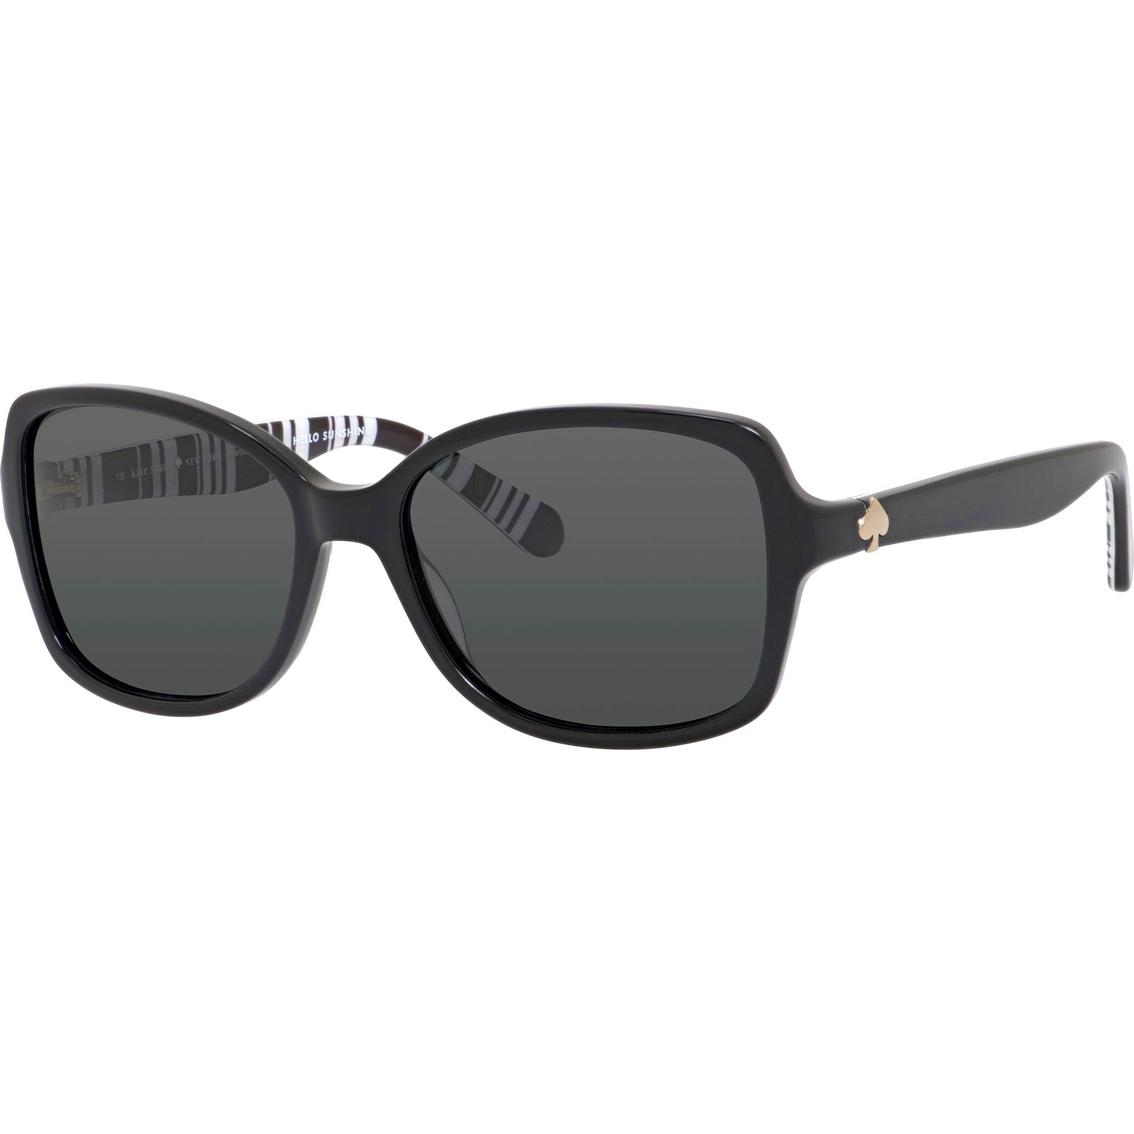 8922ffc5496d Kate Spade Ayleen Sunglasses   Women's Sunglasses   Handbags ...